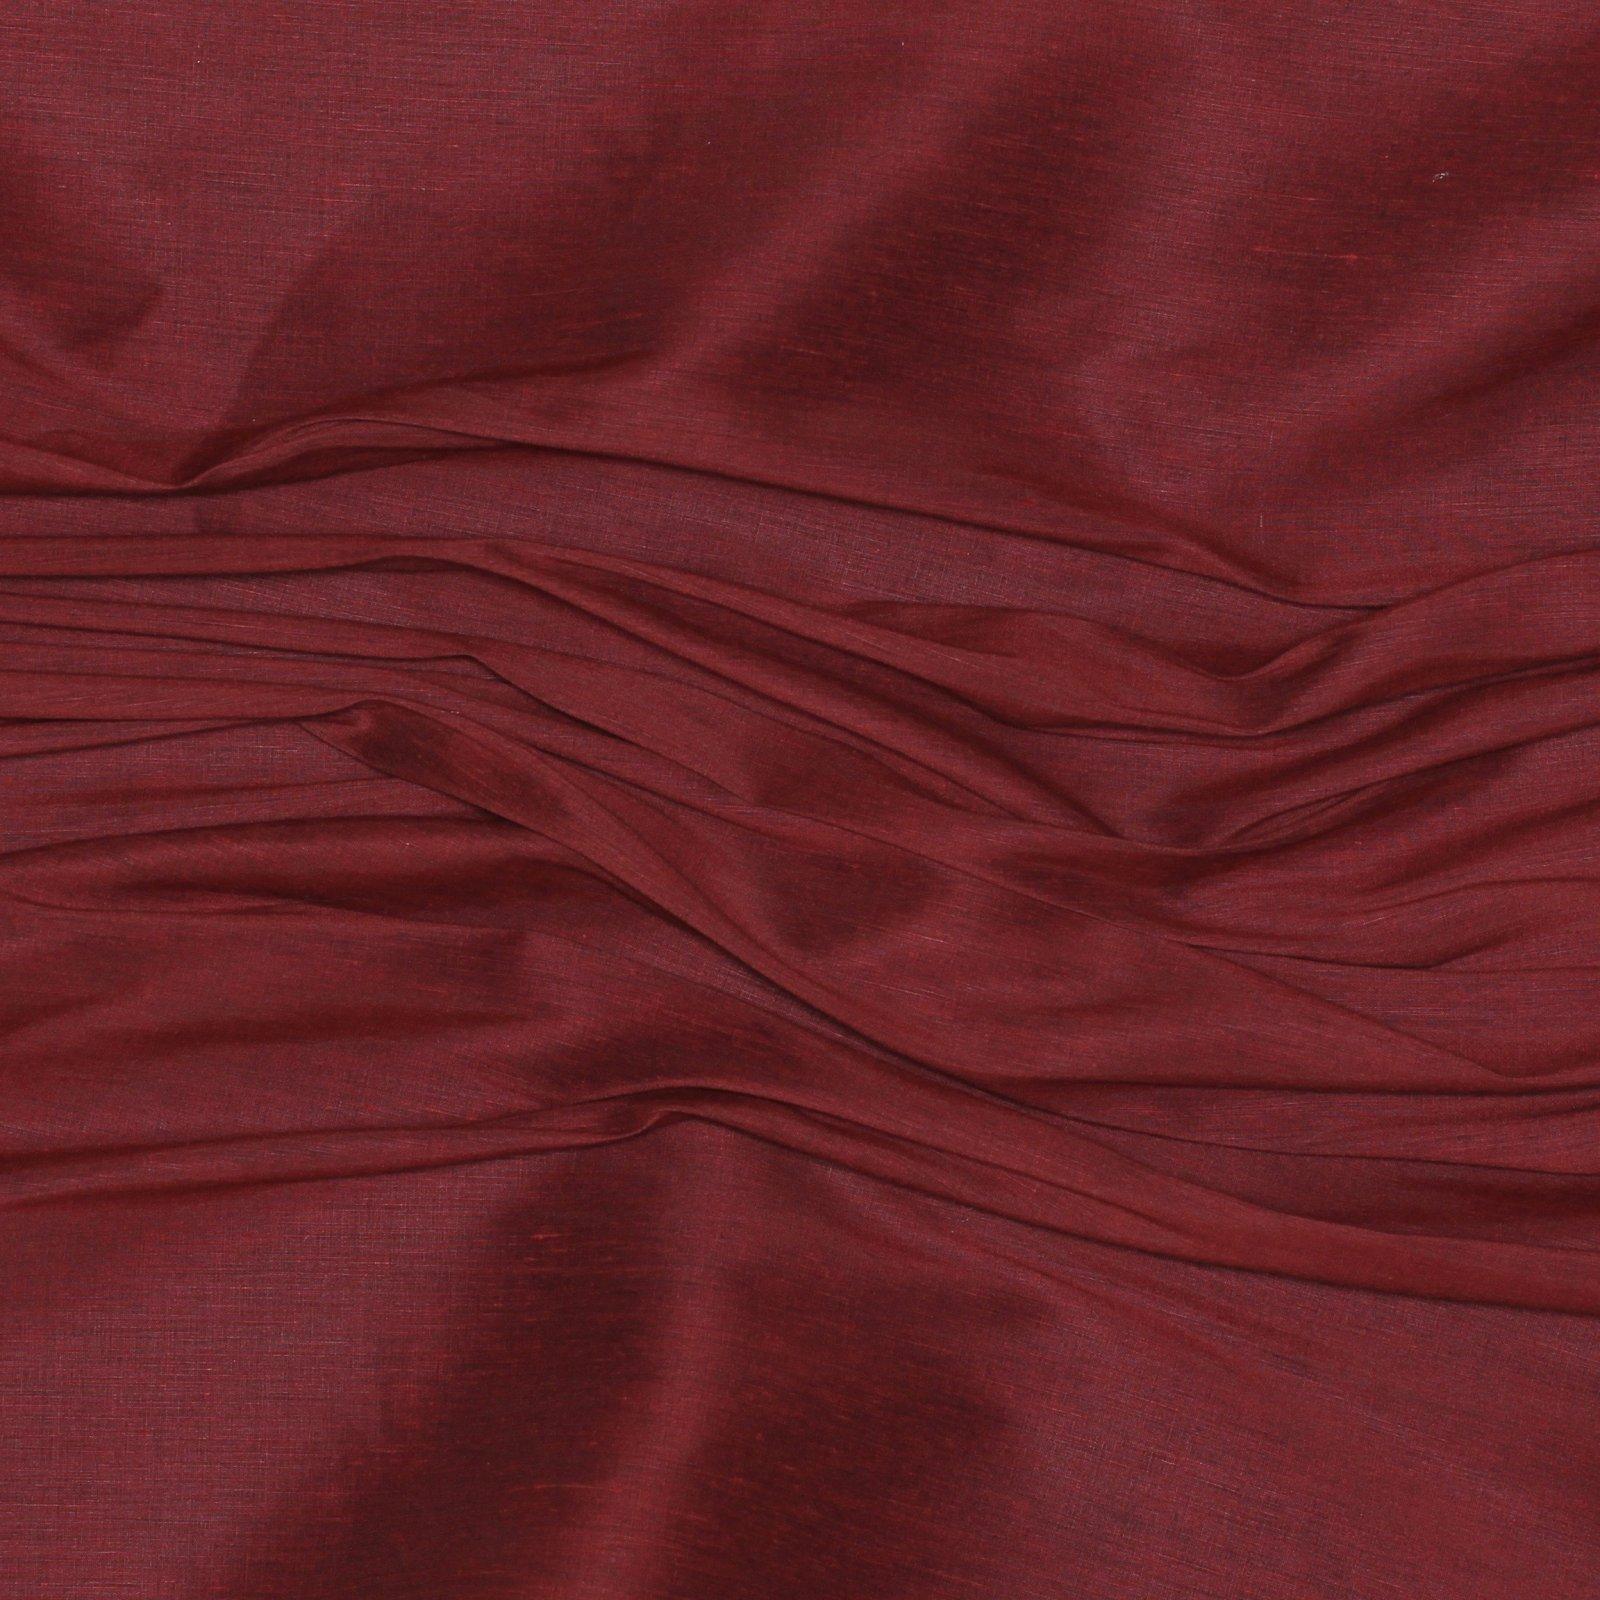 Red Silk/Linen Blend